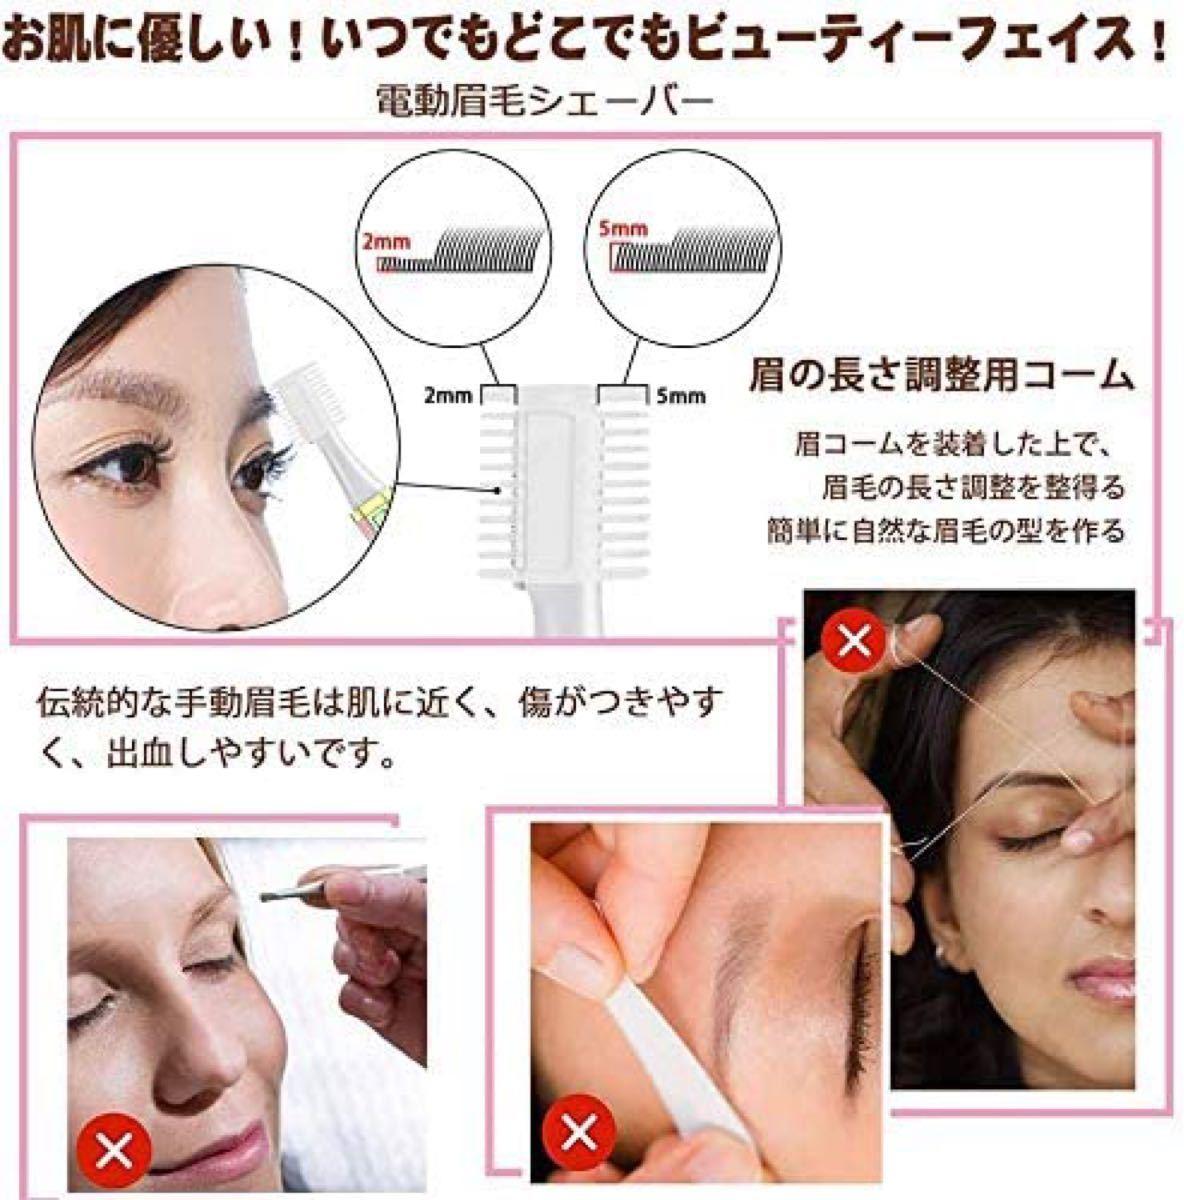 新品 眉毛シェーバー 眉毛カッター 充電式 電動 ユコーム付き 水洗い可能